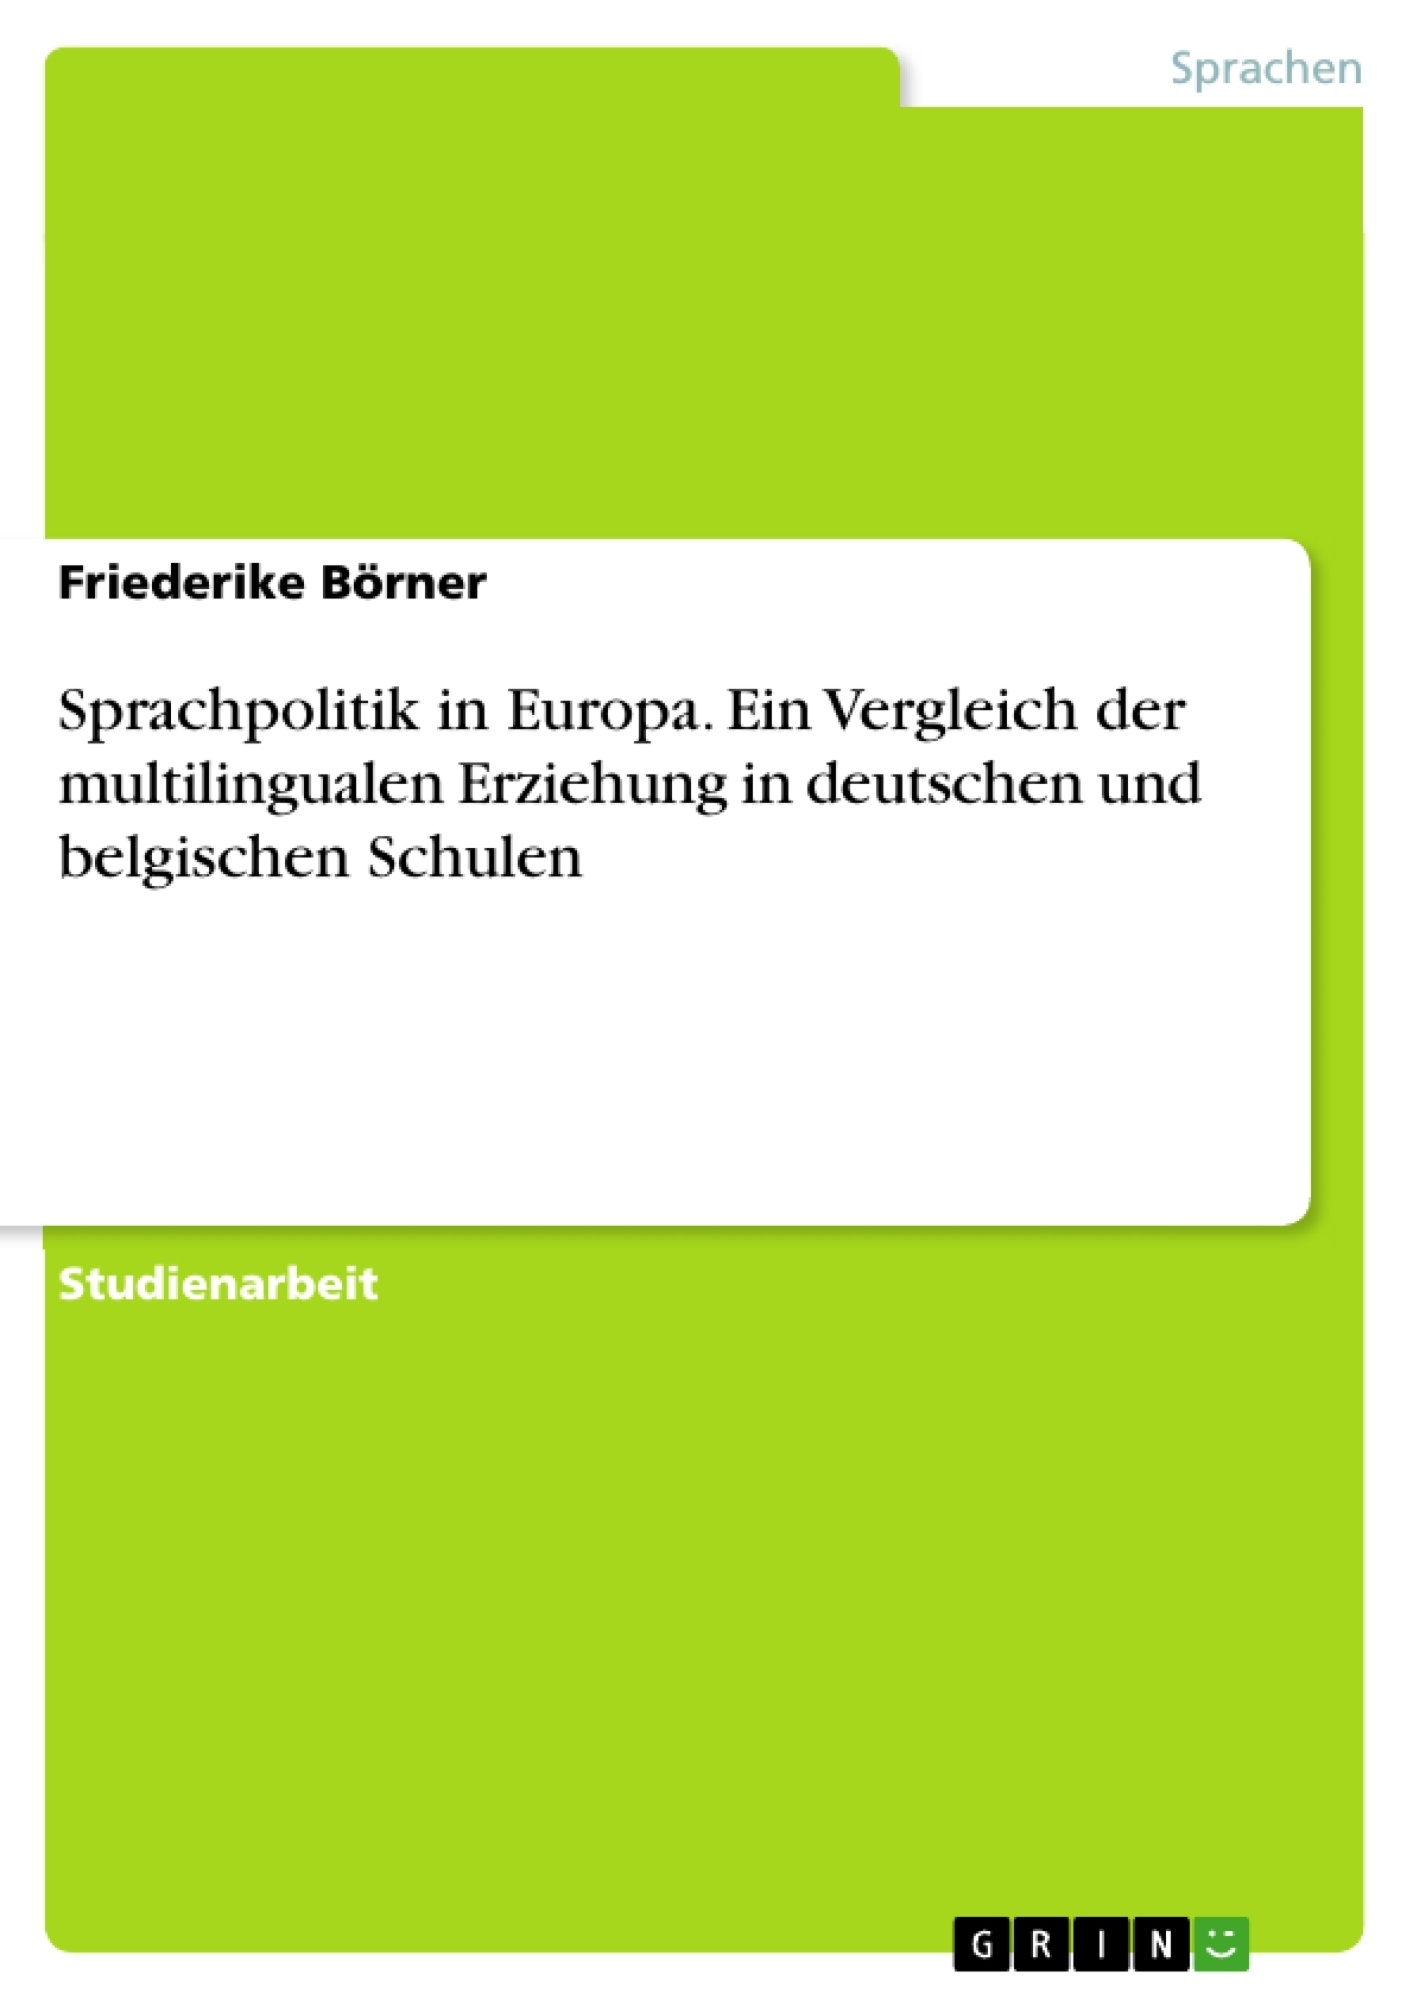 Titel: Sprachpolitik in Europa. Ein Vergleich der multilingualen Erziehung in deutschen und belgischen Schulen